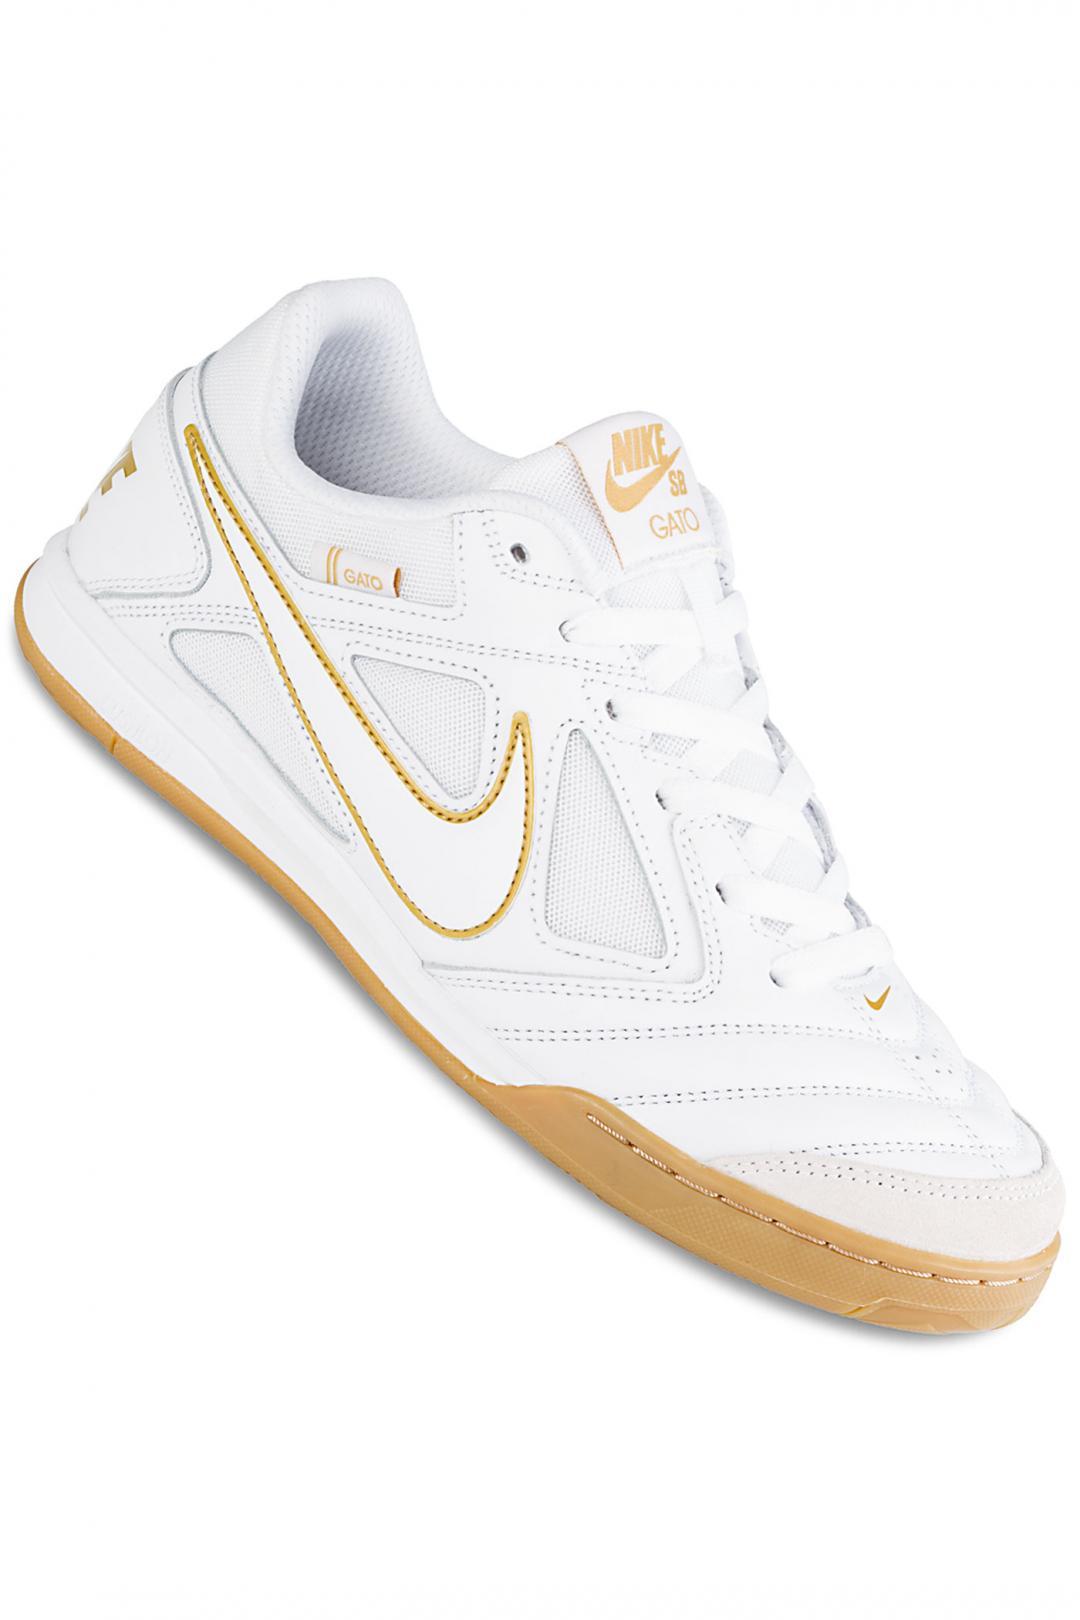 Uomo Nike SB Gato white metallic gold | Sneaker